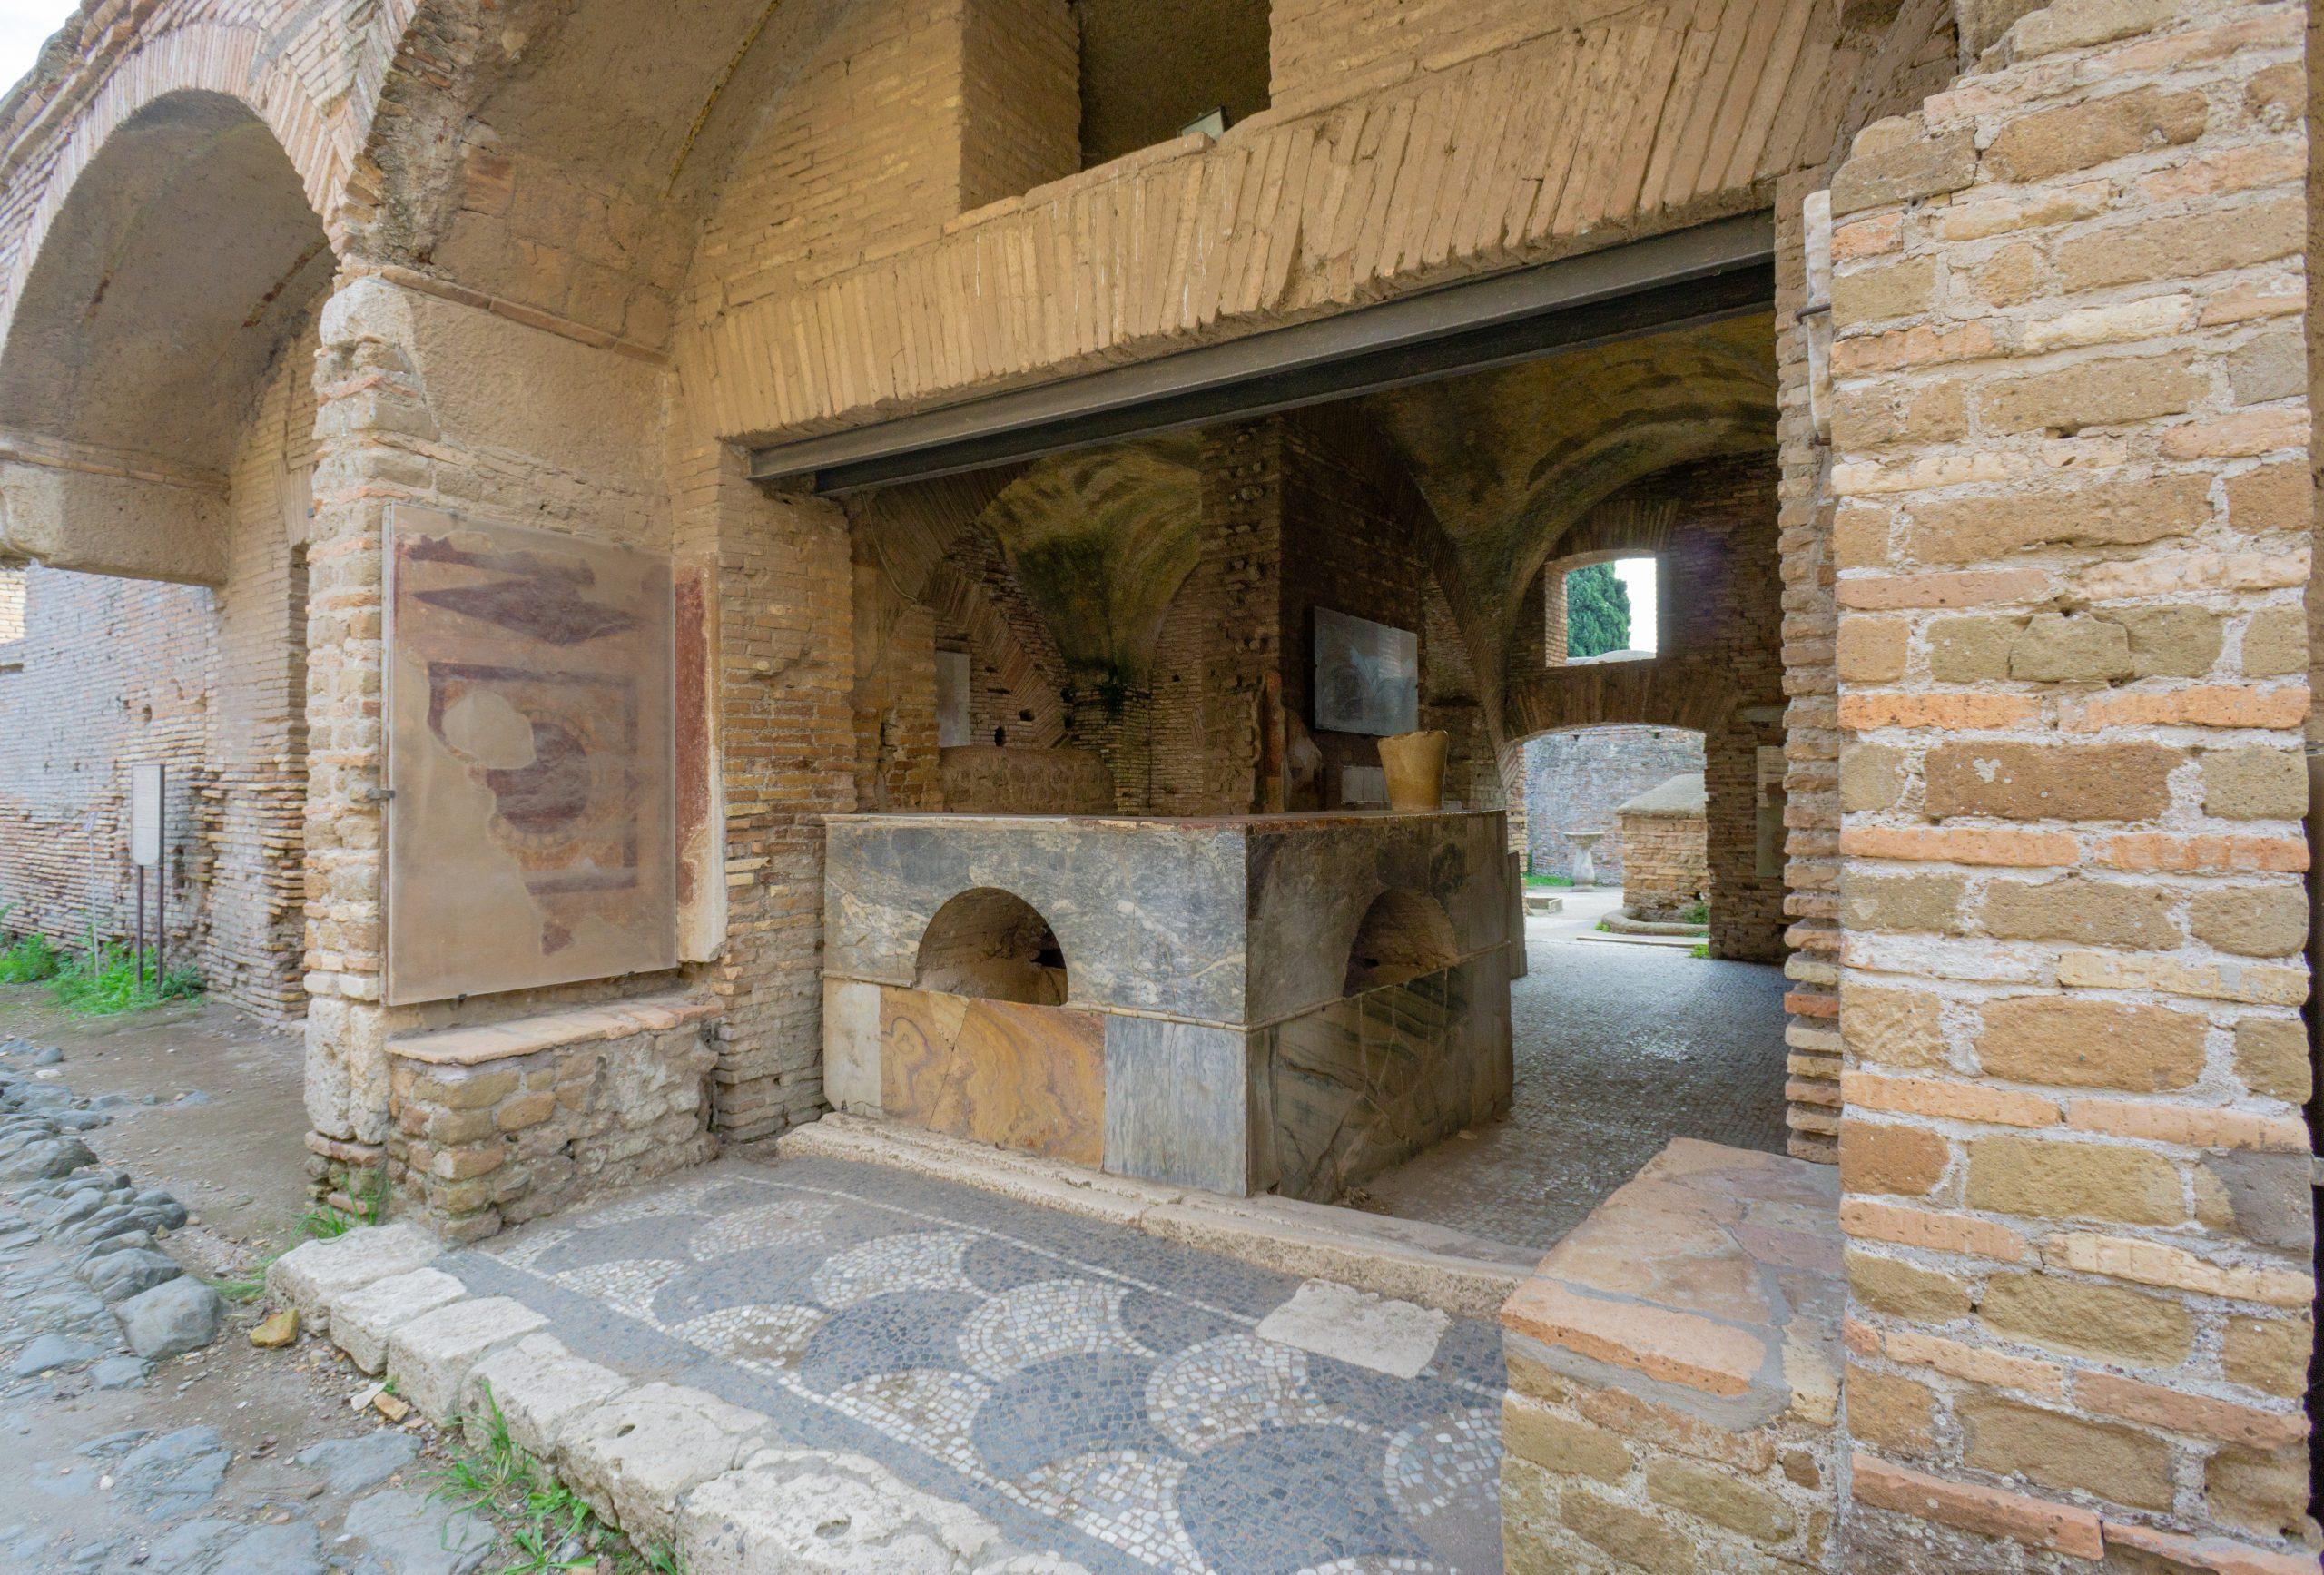 Thermopolium_Ostia Antica_Ancient Rome (2)